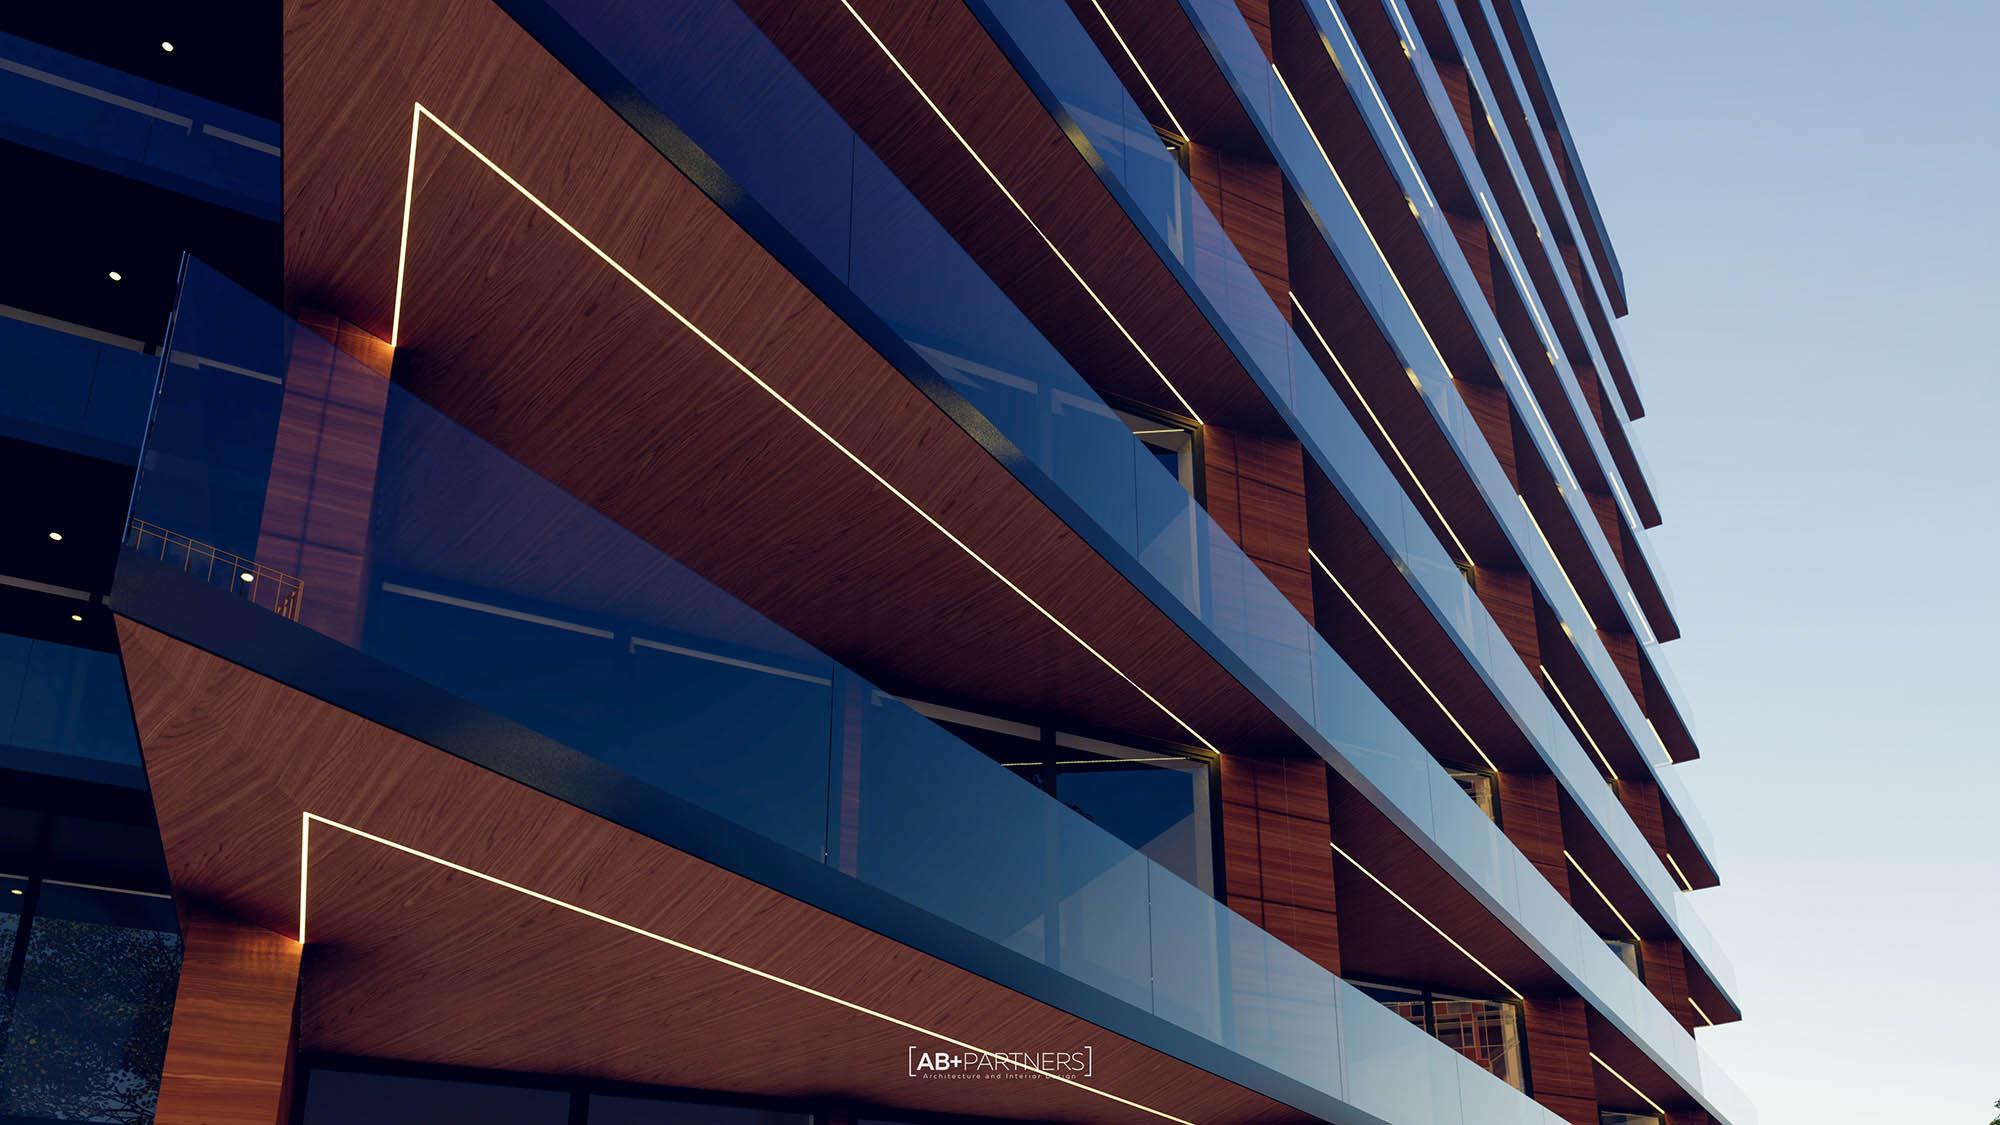 Complex rezidențial clasa lux cu balcoane imense și geamuri mari pentru a permite patrunderea de lumina naturală